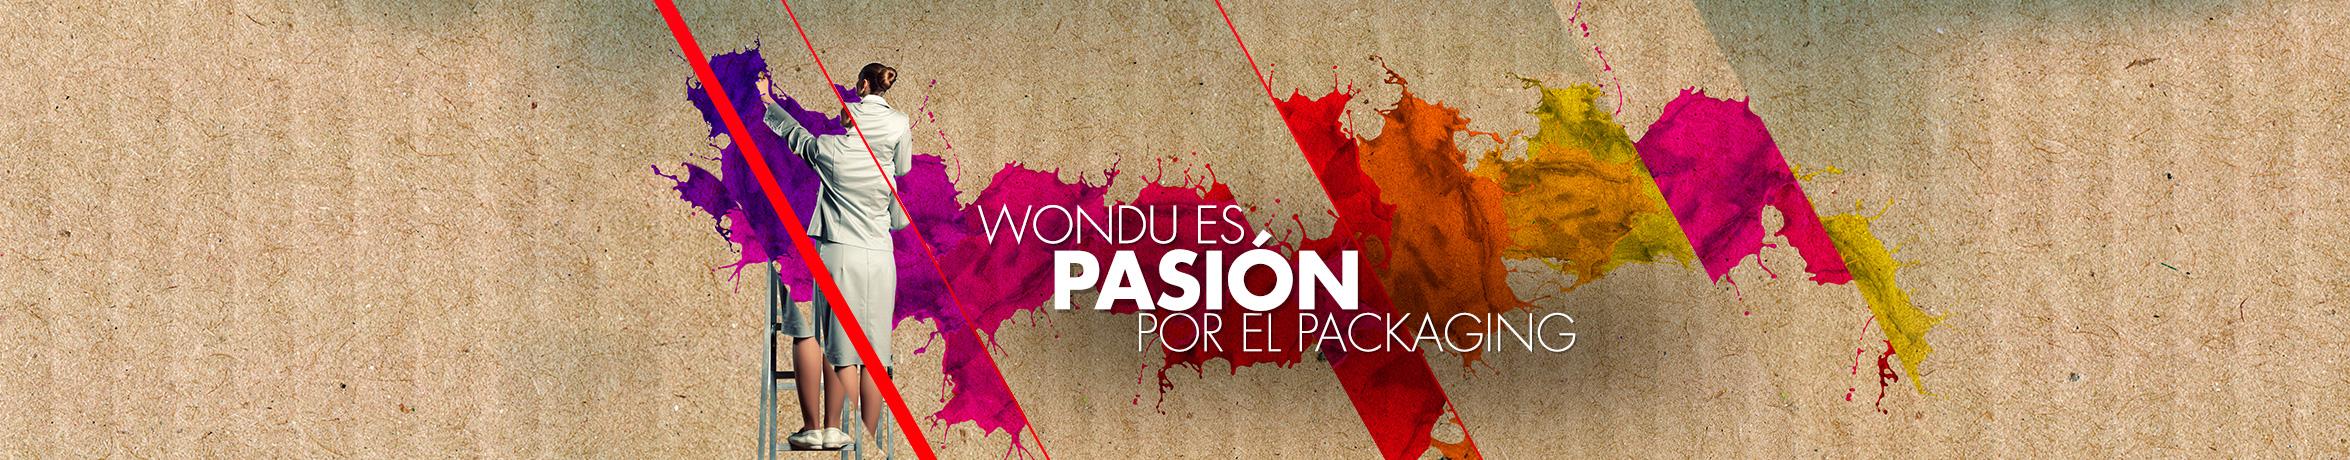 Wondu - Pasión por el packaging